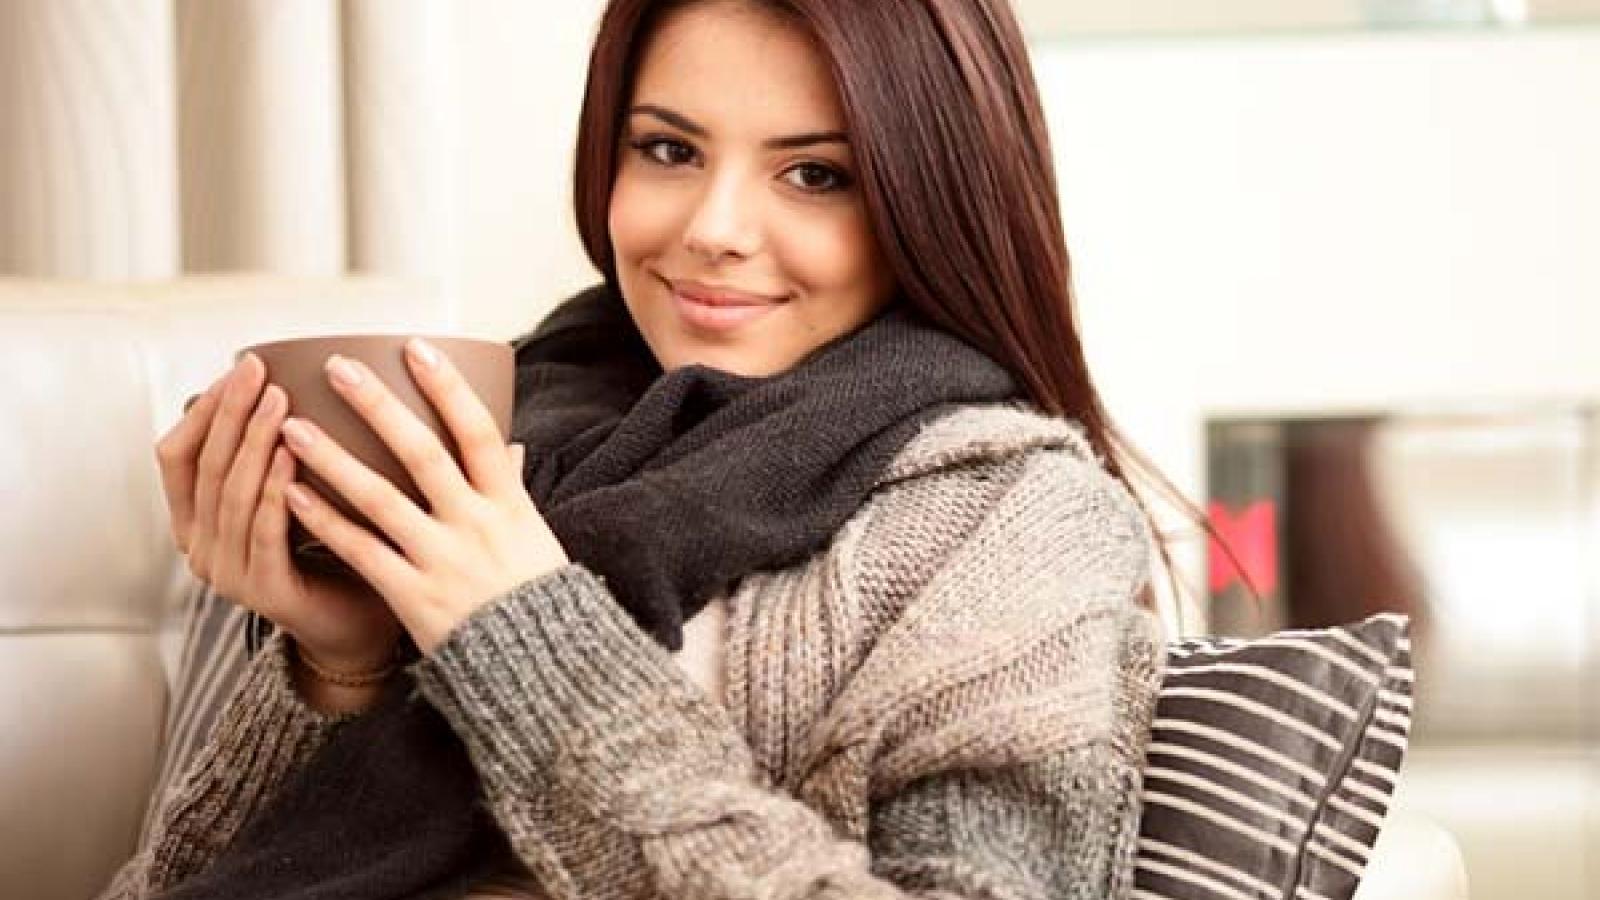 11 quy tắc ăn uống giúp bạn giữ sức khỏe vào mùa đông